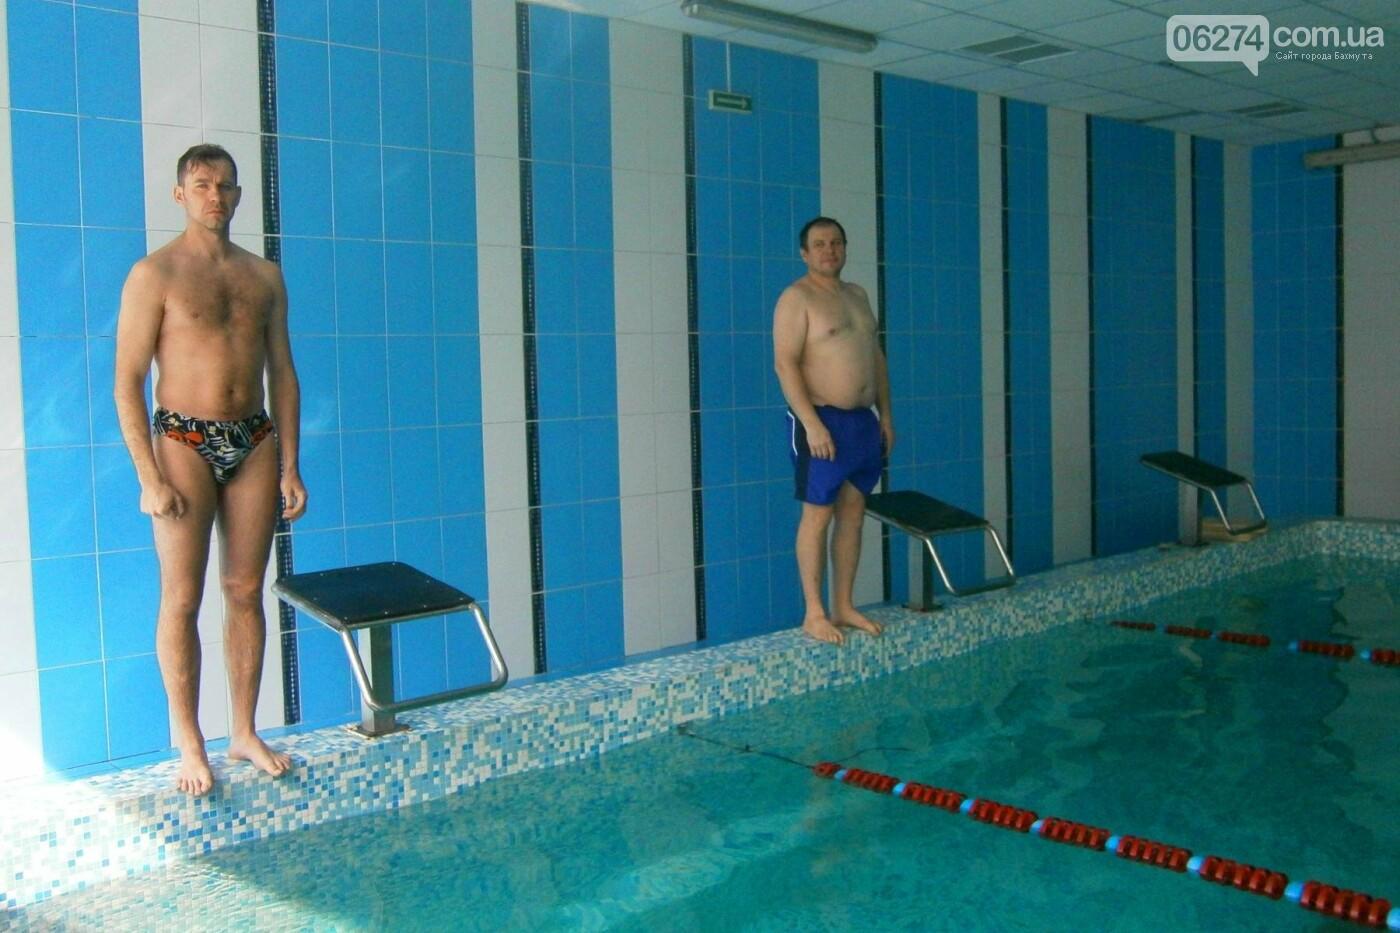 Сильные духом бахмутчане соревновались на воде, фото-1